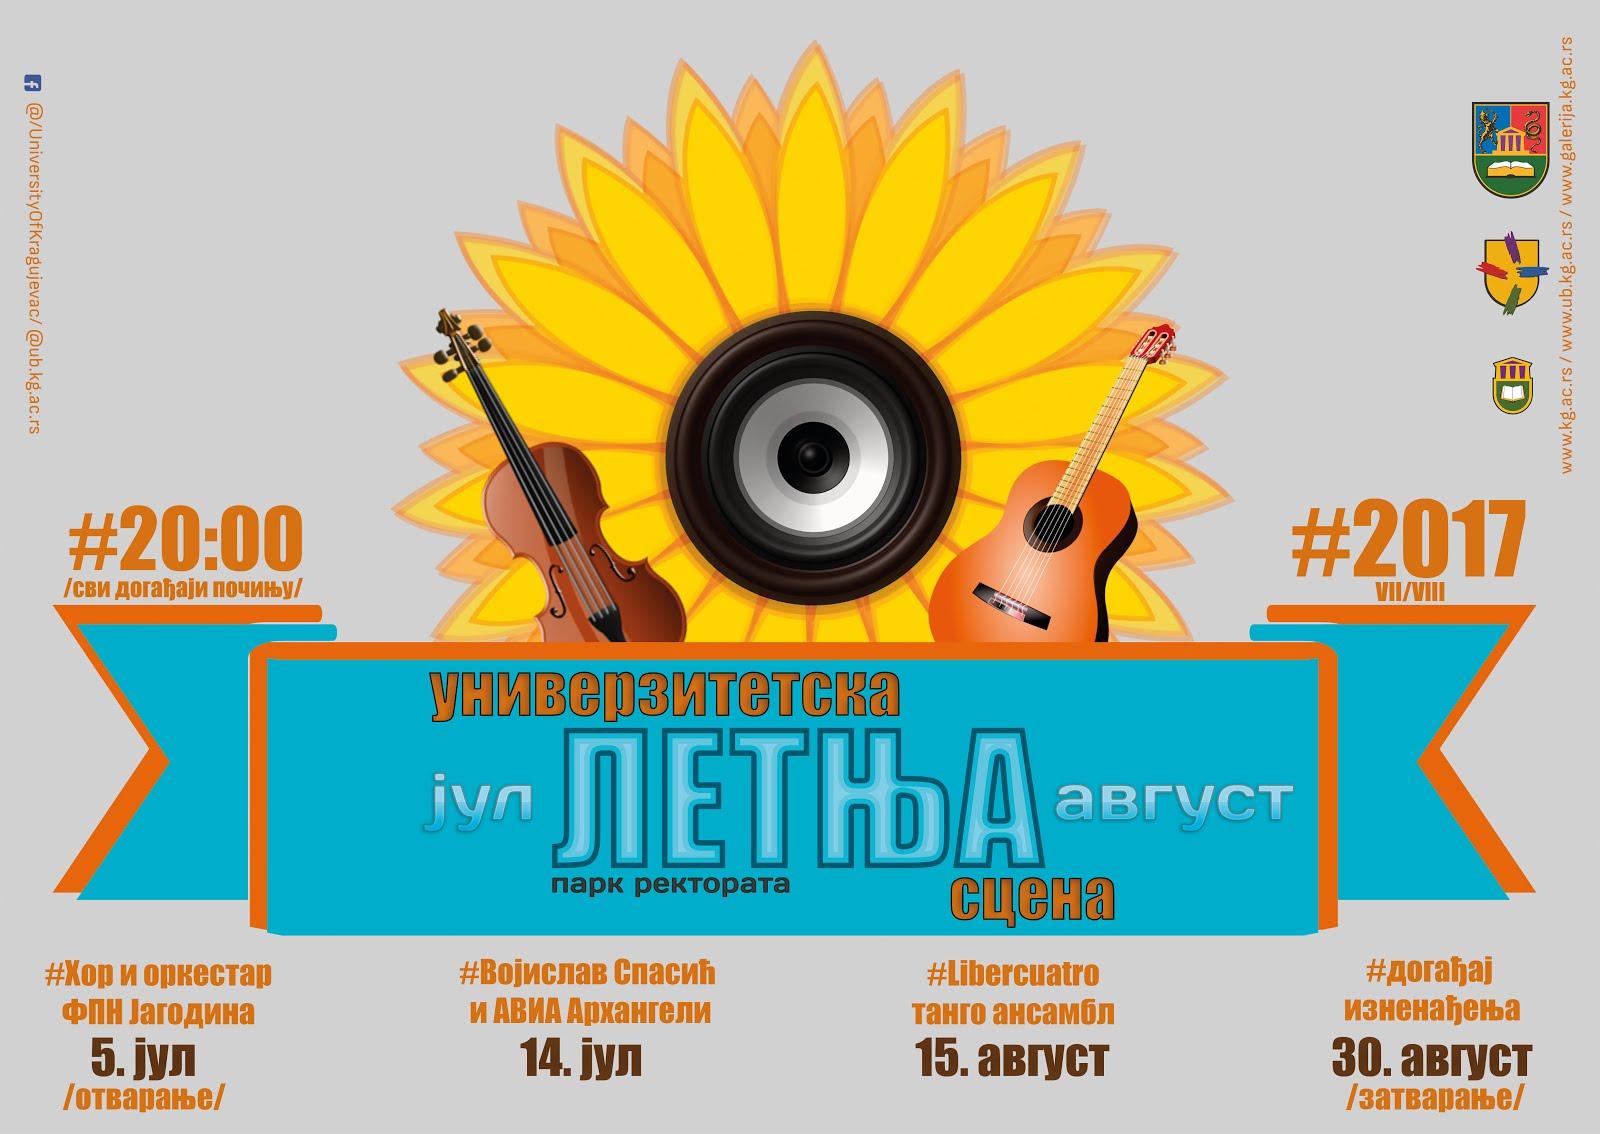 /fa-music/ УНИВЕРЗИТЕТСКА ЛЕТЊА СЦЕНА 2017